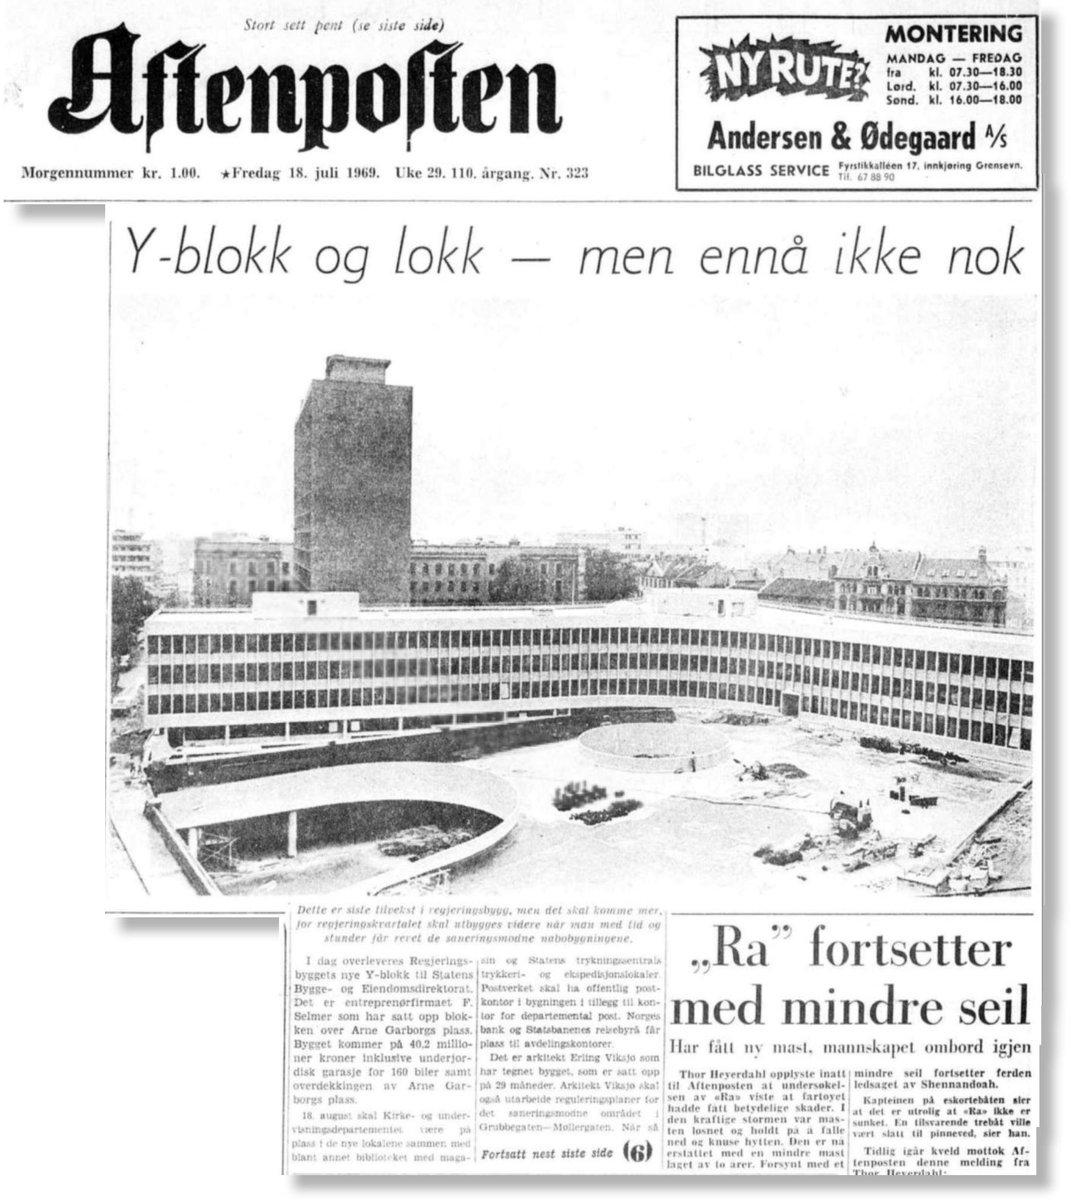 0a9063e3 @Aftenposten #pådennedag 1969 (Et dempet #50årsjubileum i dag)  #yblokkenpic.twitter.com/HCJKmyF6Z1